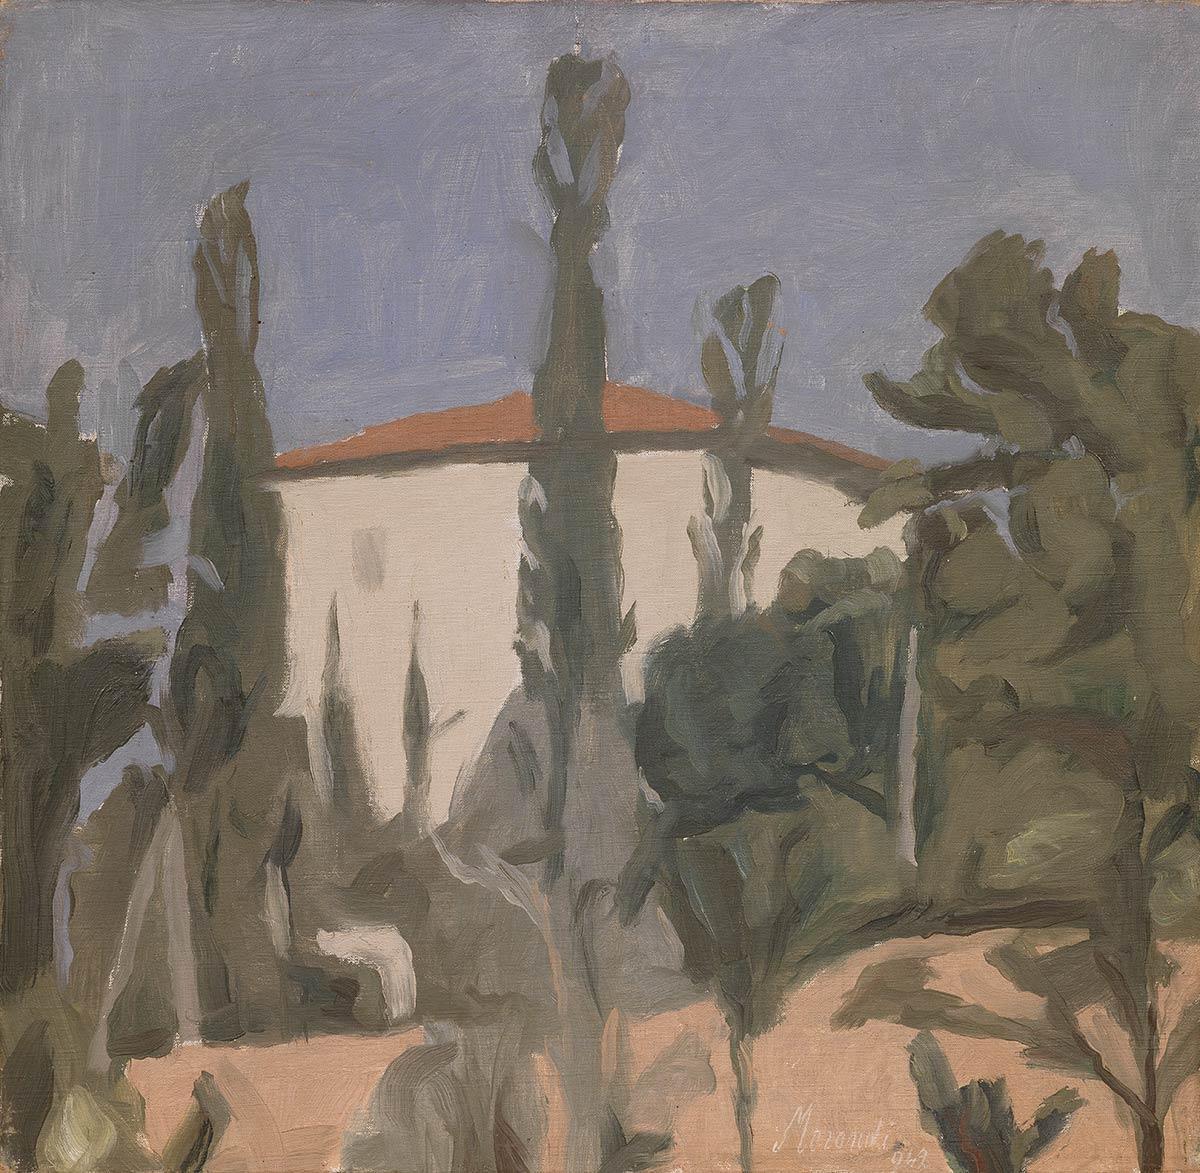 Giorgio Morandi protagonista di una mostra al Museo Novecento di Firenze